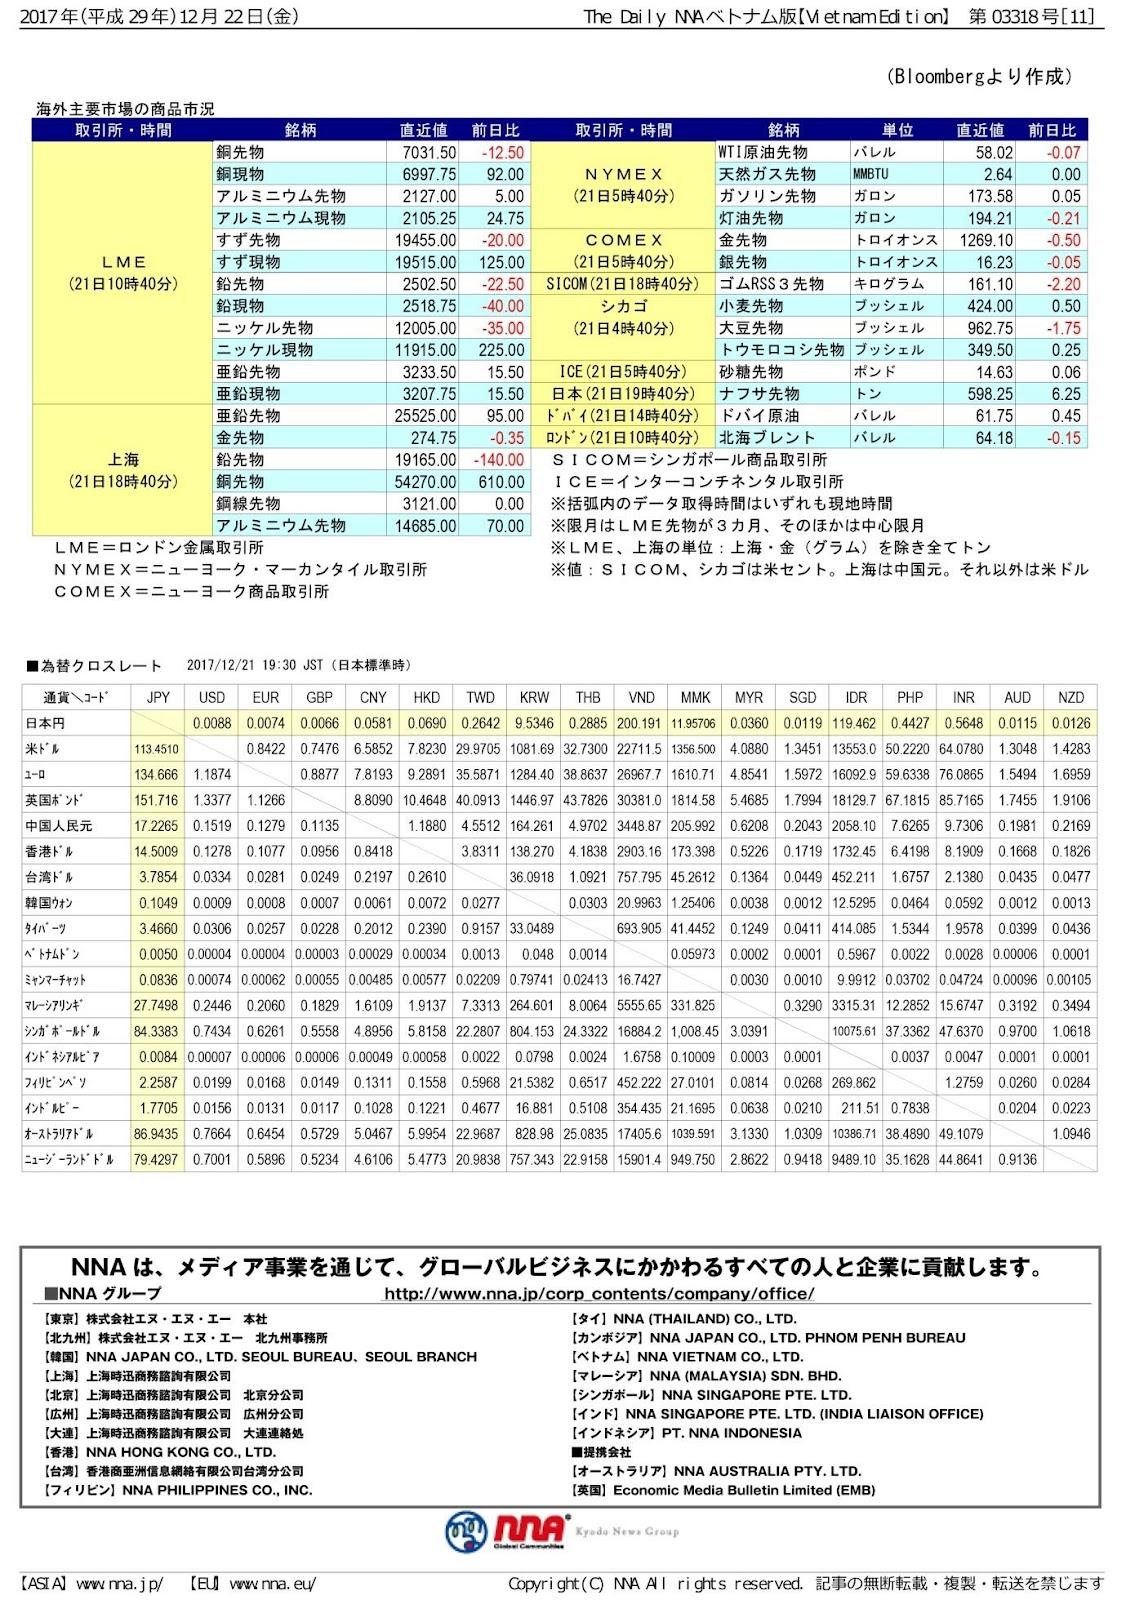 NNA_IC_171222-11.jpg